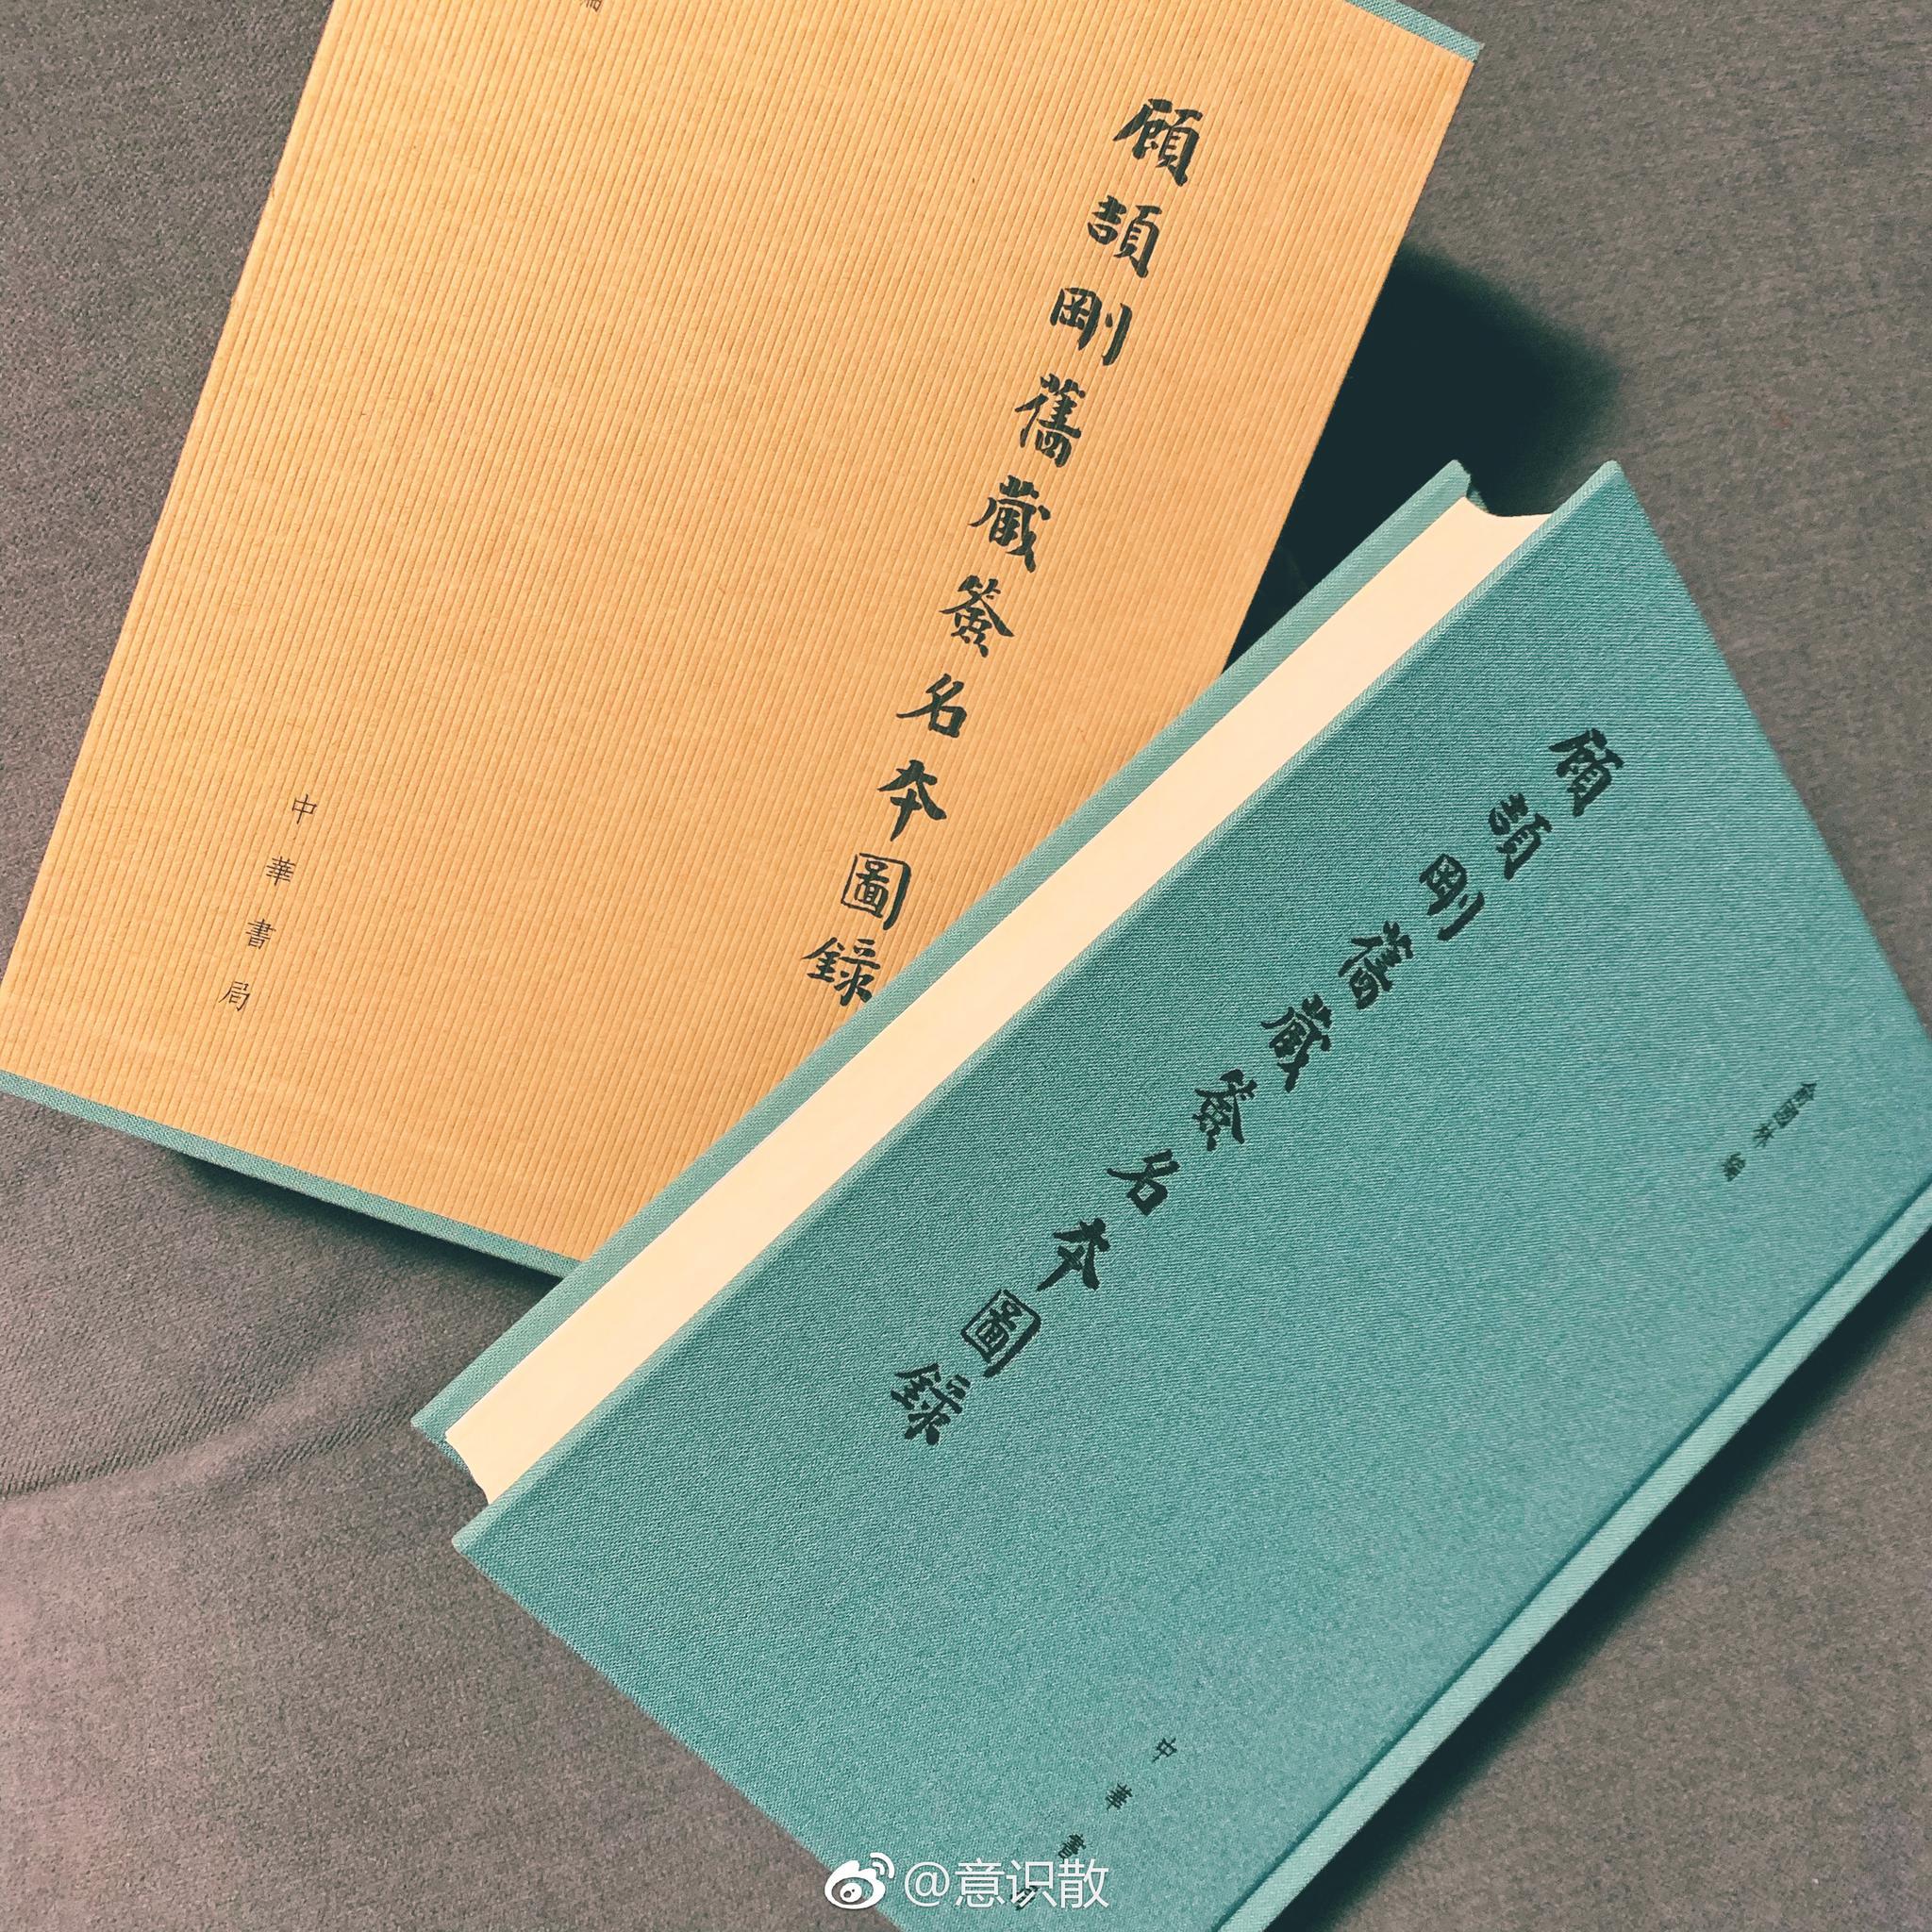 《顾颉刚旧藏签名本图录》2013年5月1版1印编者俞国林签名钤印本